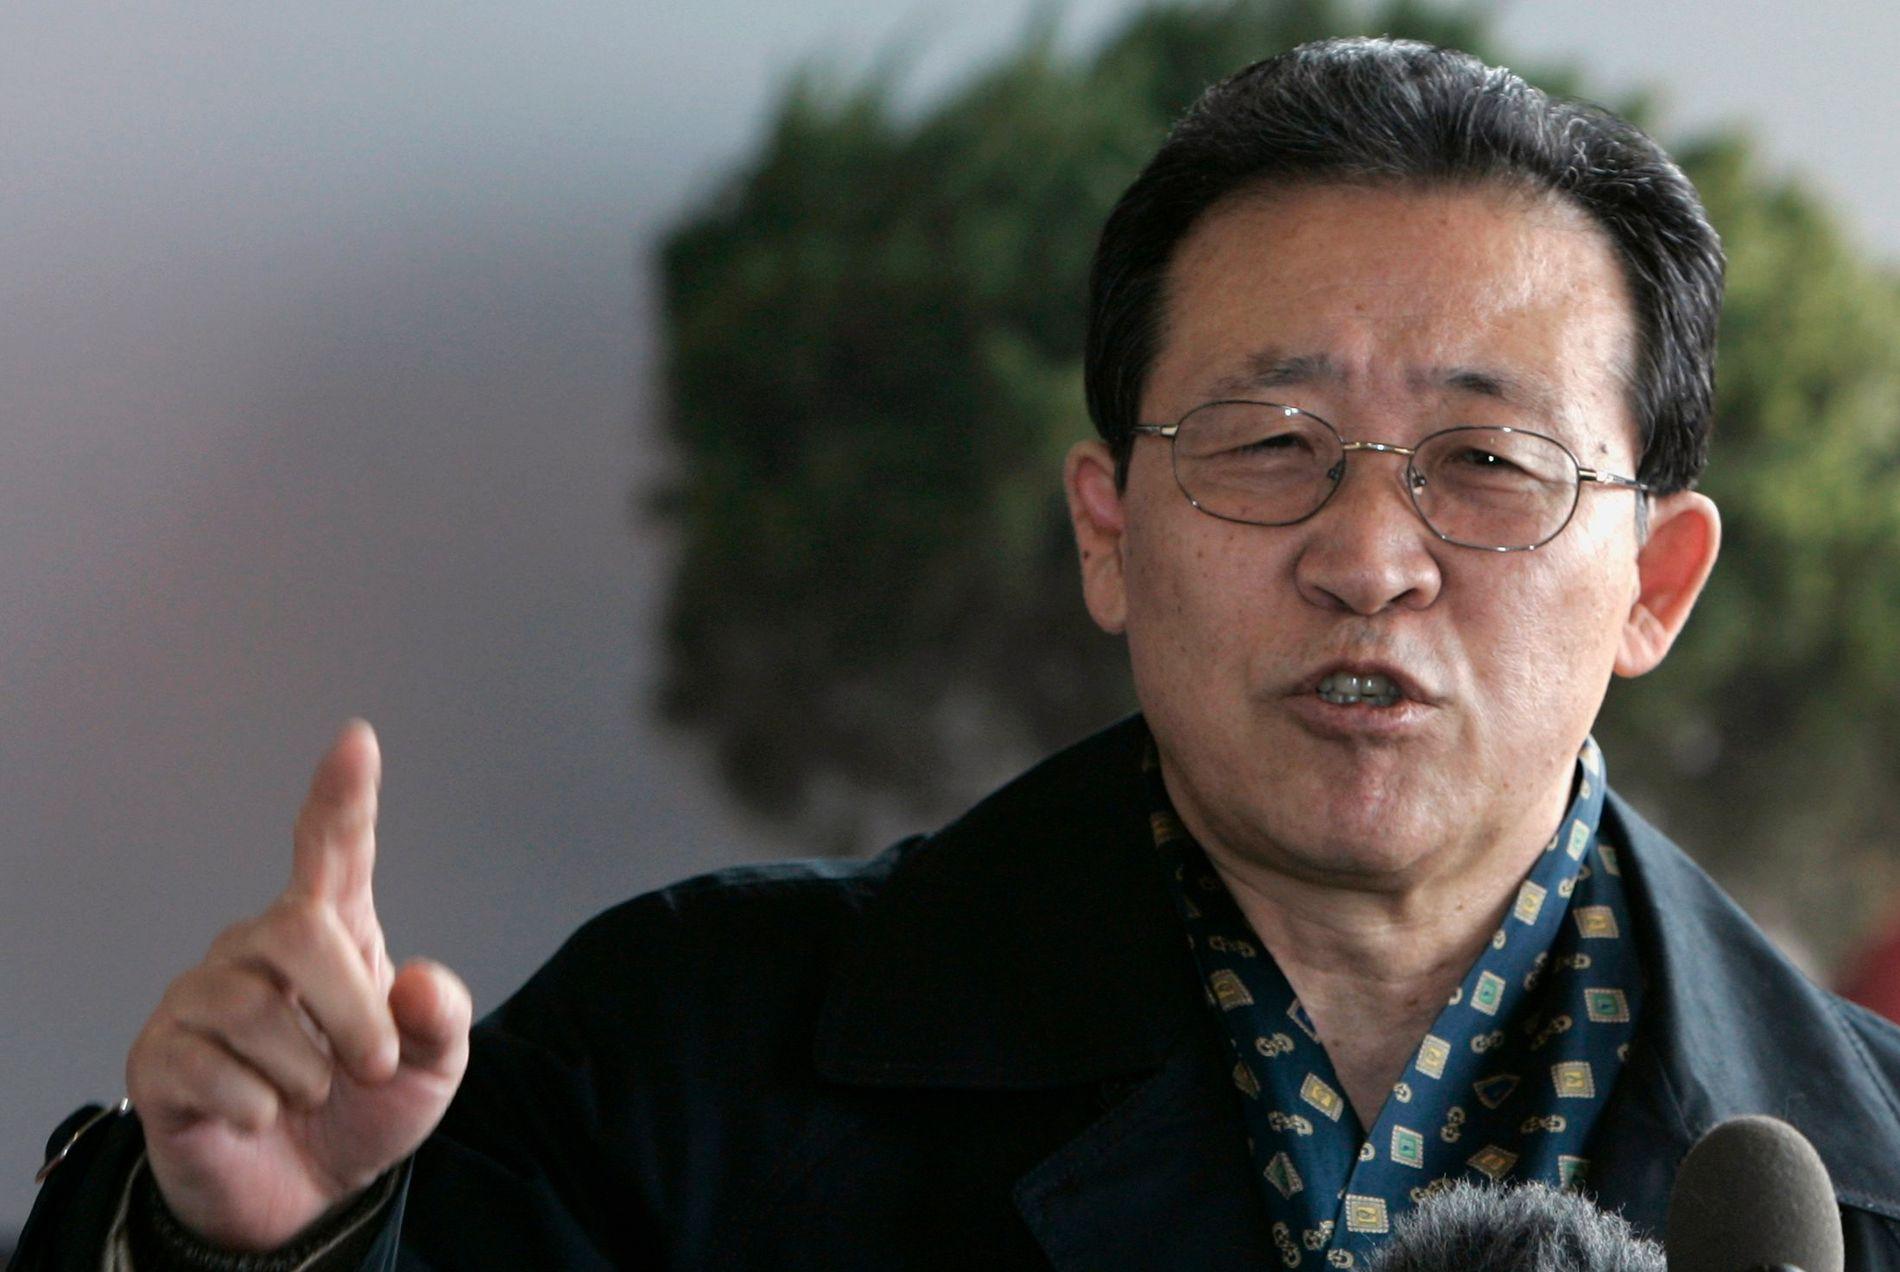 PROVOSERT: Nord-Koreas viseutenriksminister Kim Kye-gwan, her fotografert i Beijing i 2007.